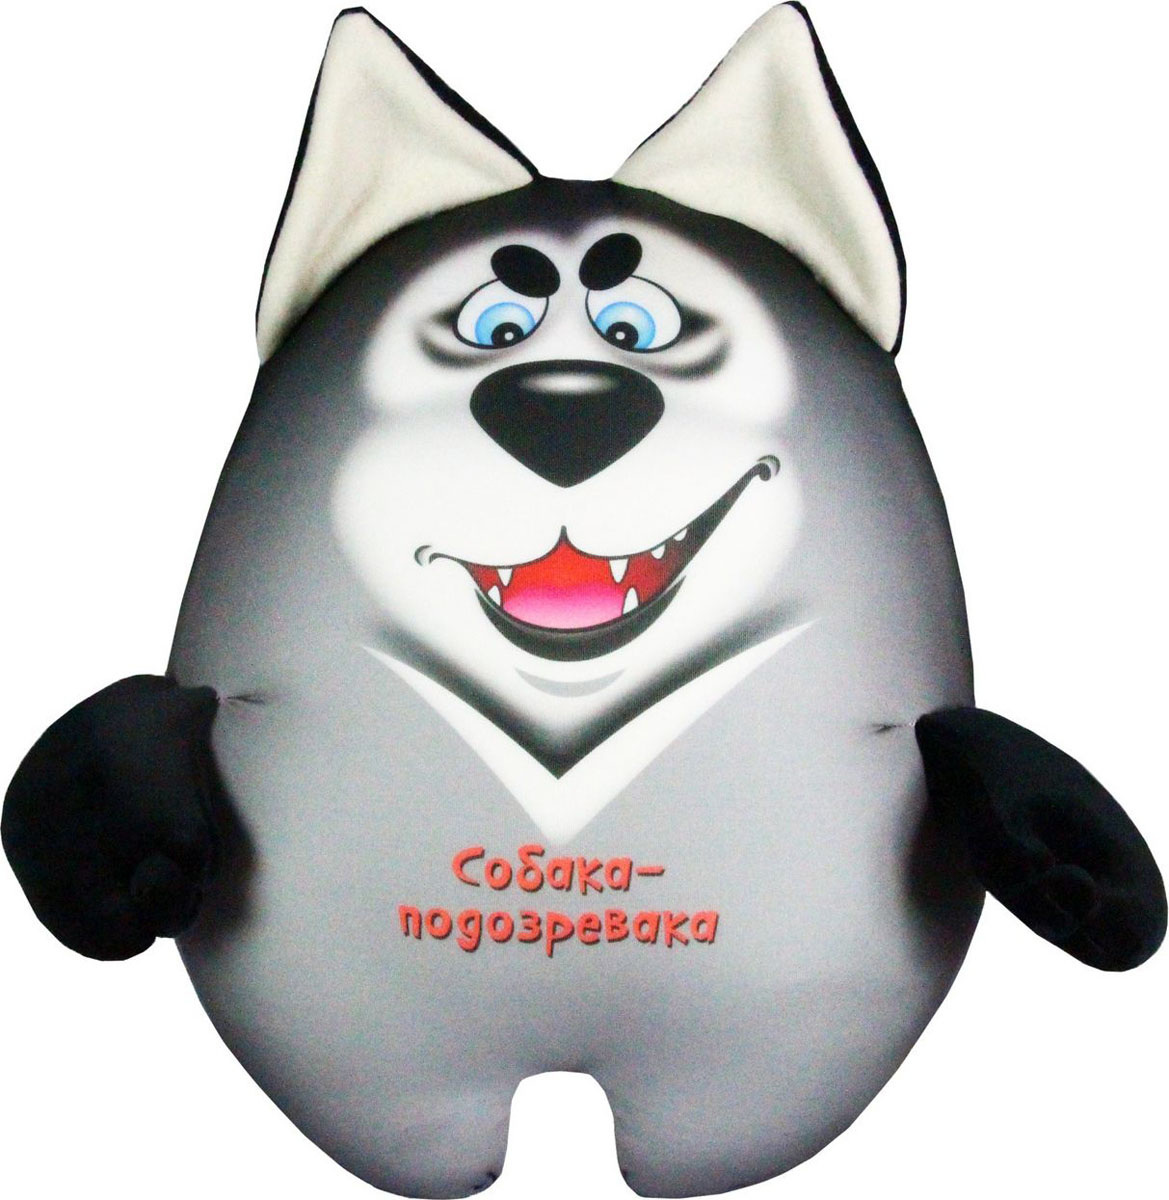 """Подушка-игрушка Штучки, к которым тянутся ручки Антистрессовая """"Собака с характером. Подозревака"""" мал., серый"""